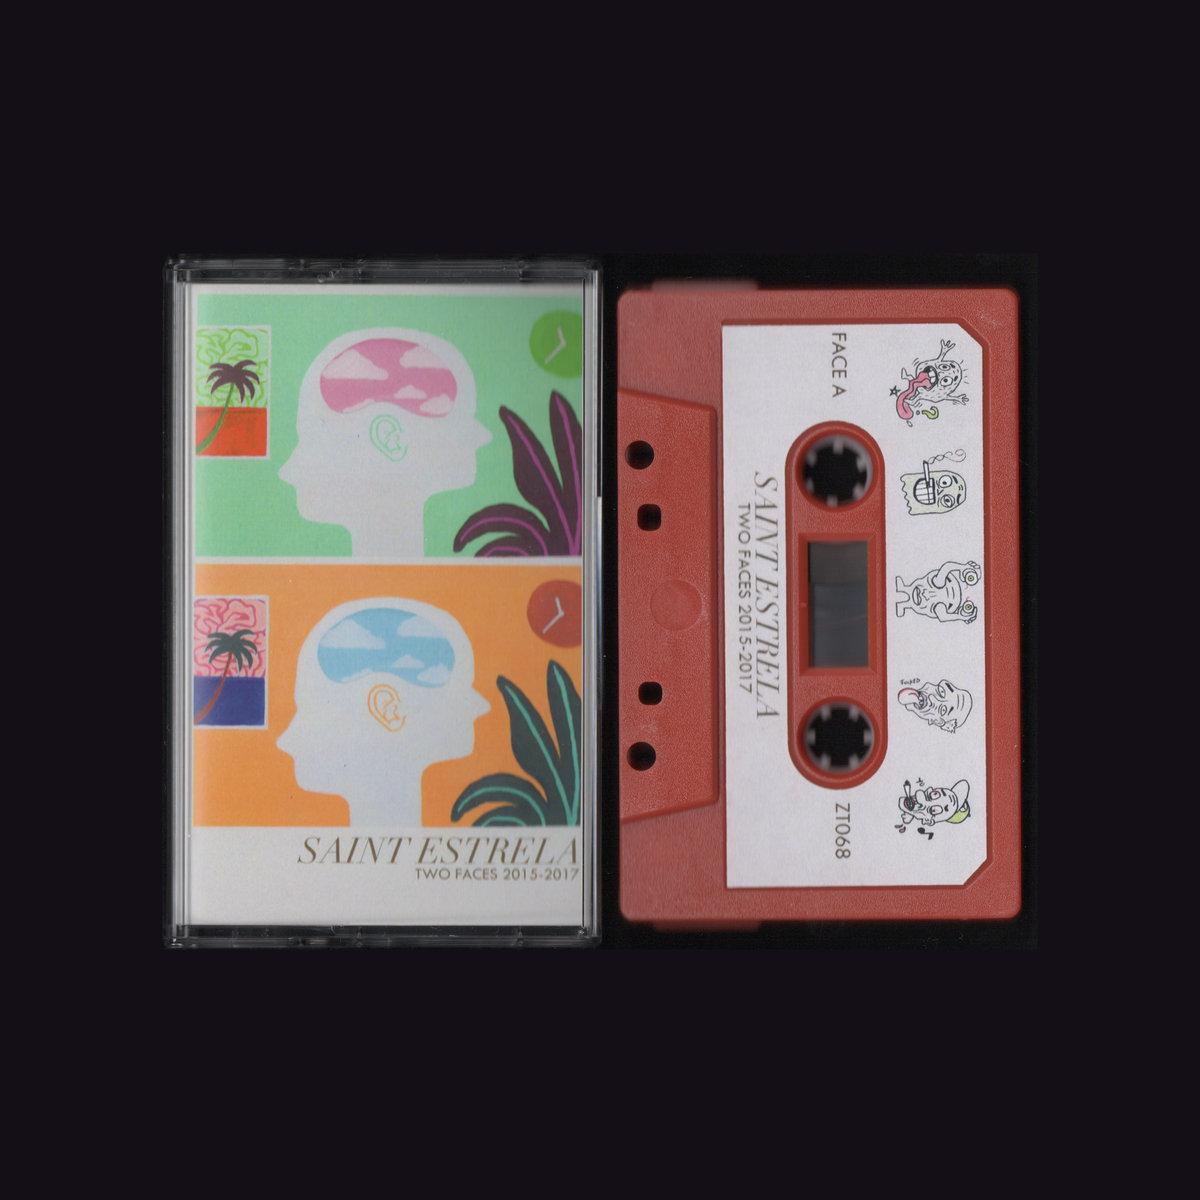 [SOLD] Saint Estrela - Two Faces 2015-2017 (Z Tapes)